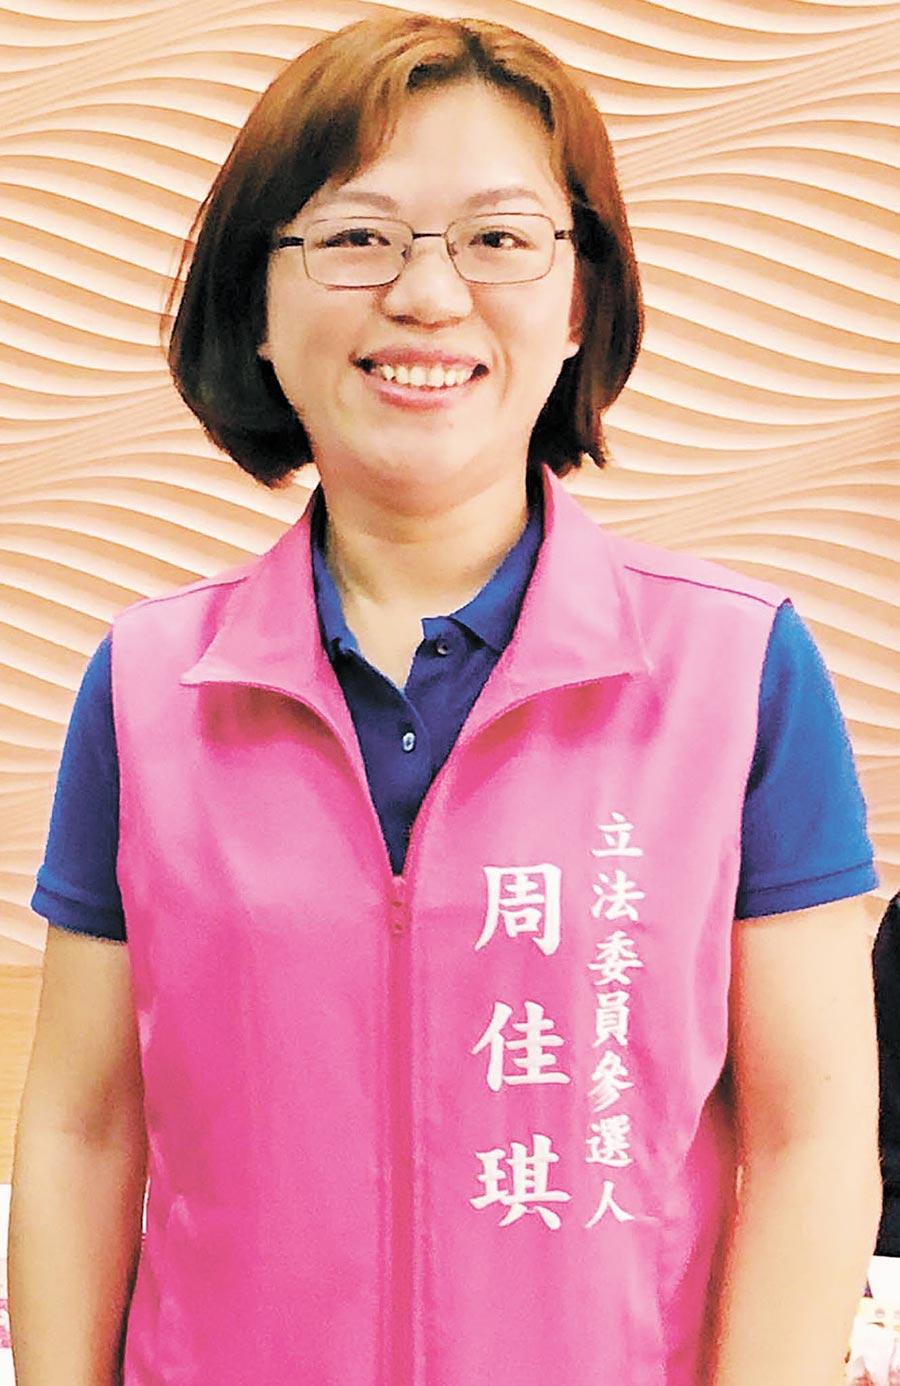 國民黨立委候選人周佳琪(潘建志攝)